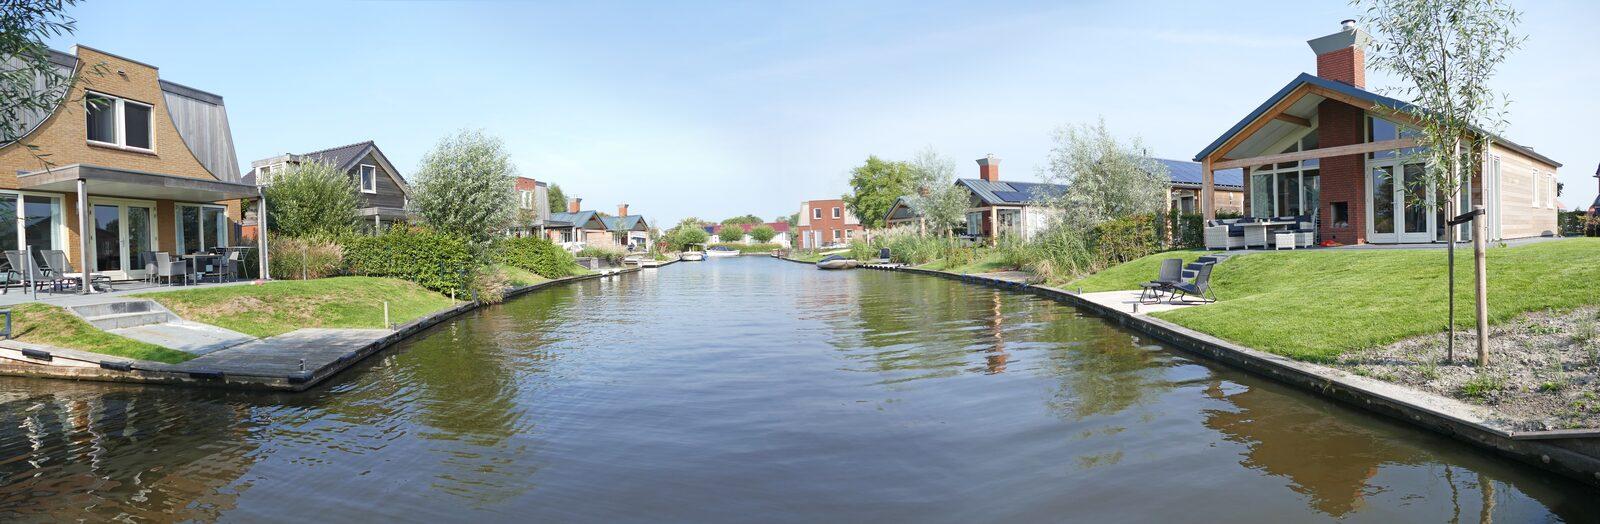 Holiday park Heerenveen